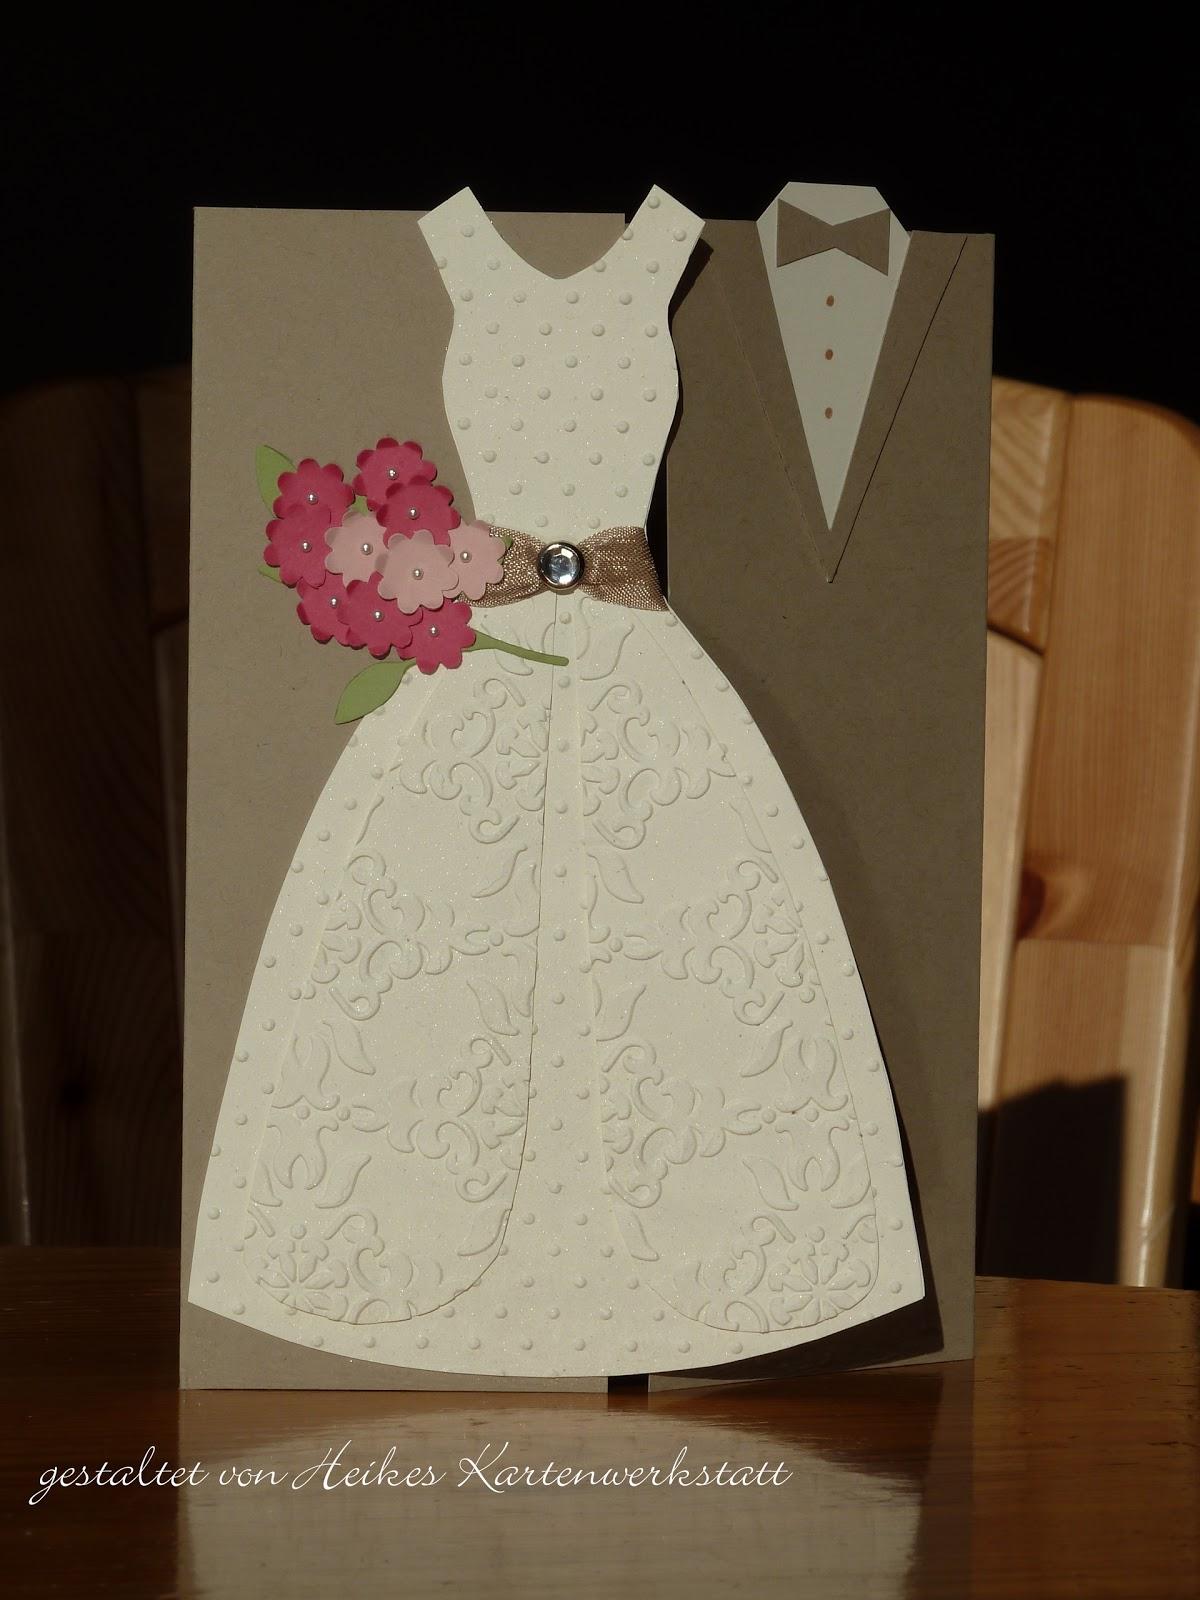 Heikes Kartenwerkstatt Hochzeitsgre